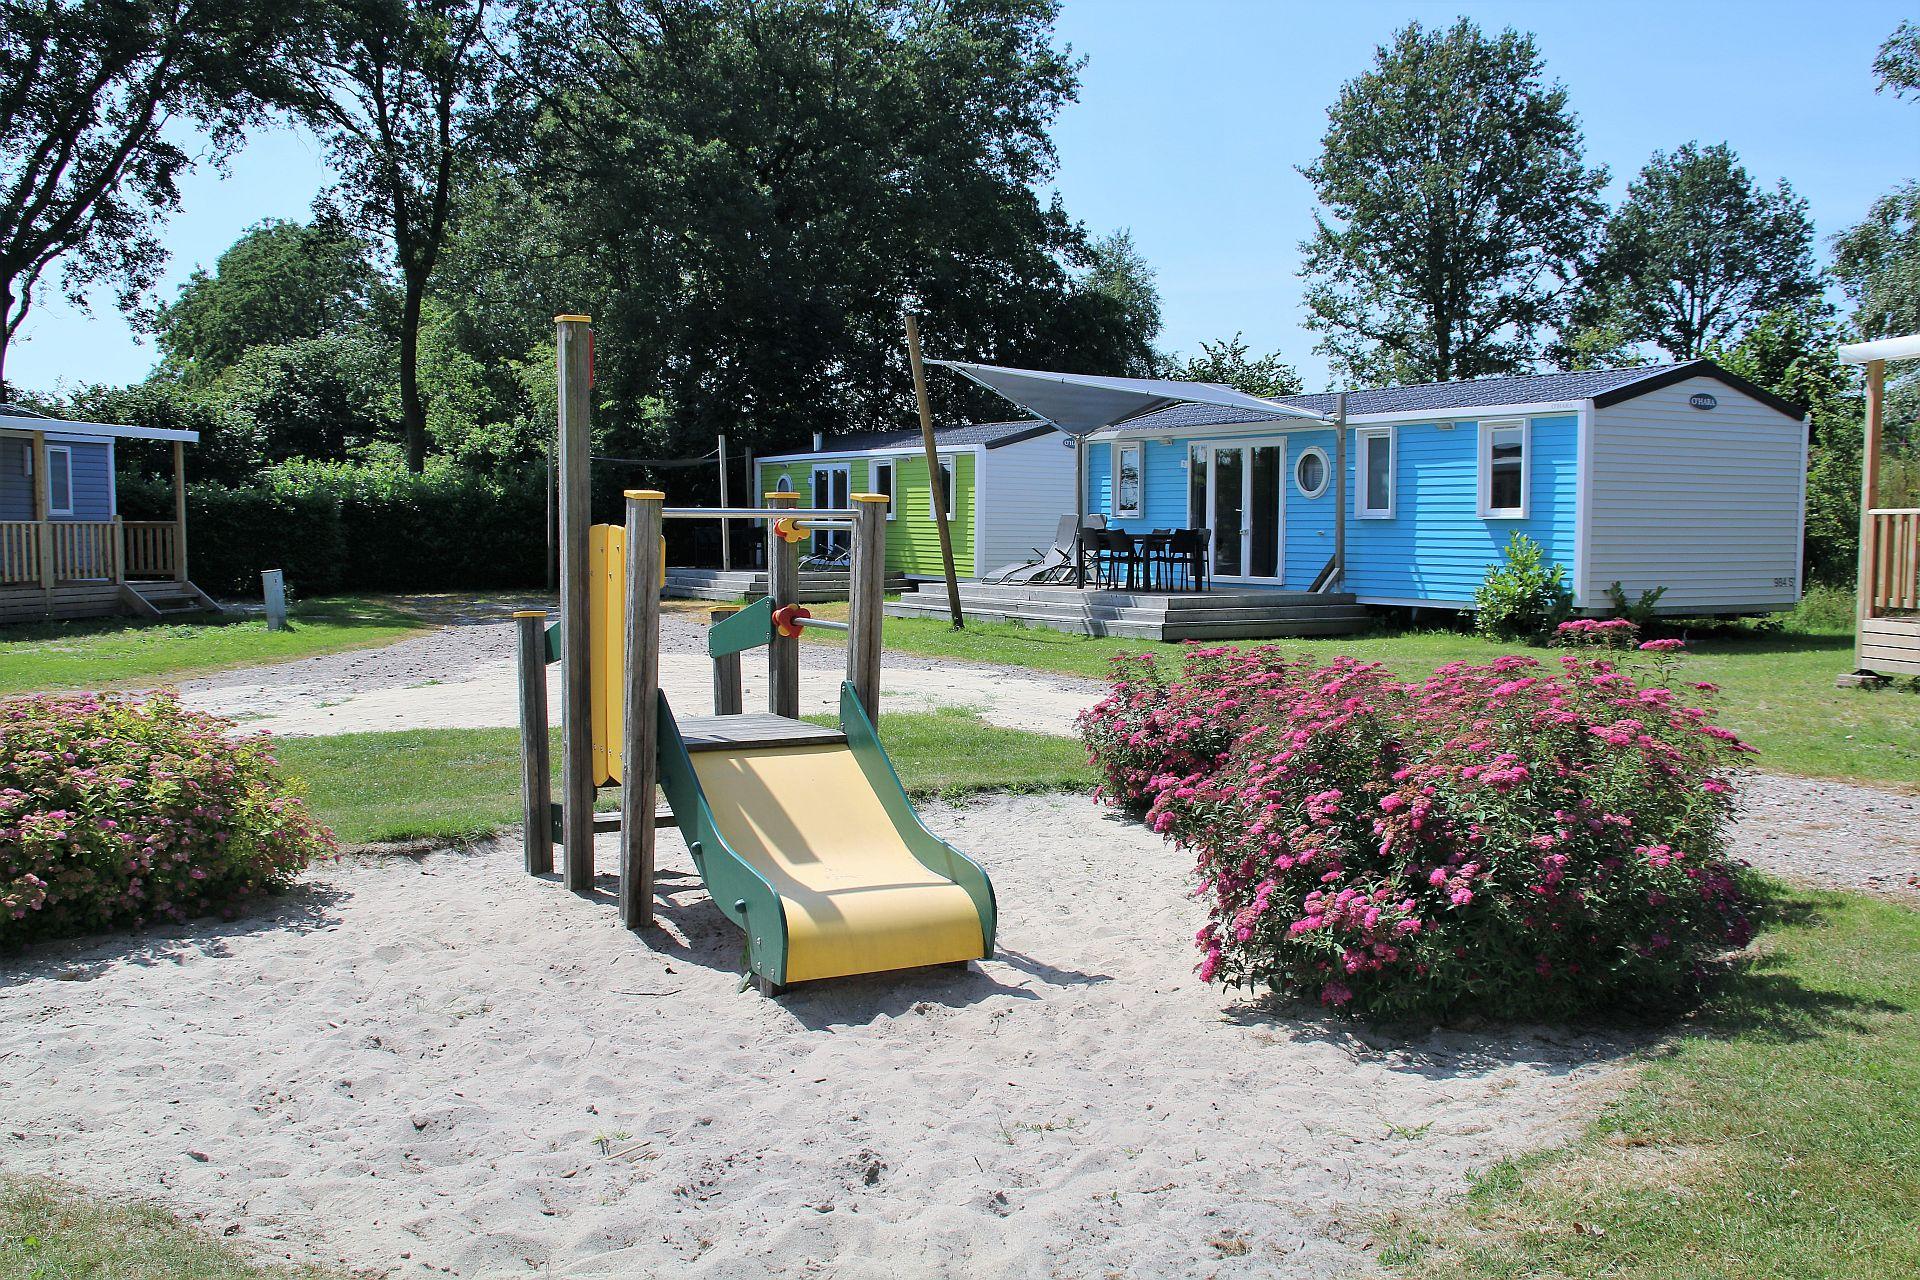 Chaletverhuur en bungalowverhuur in Overijssel -